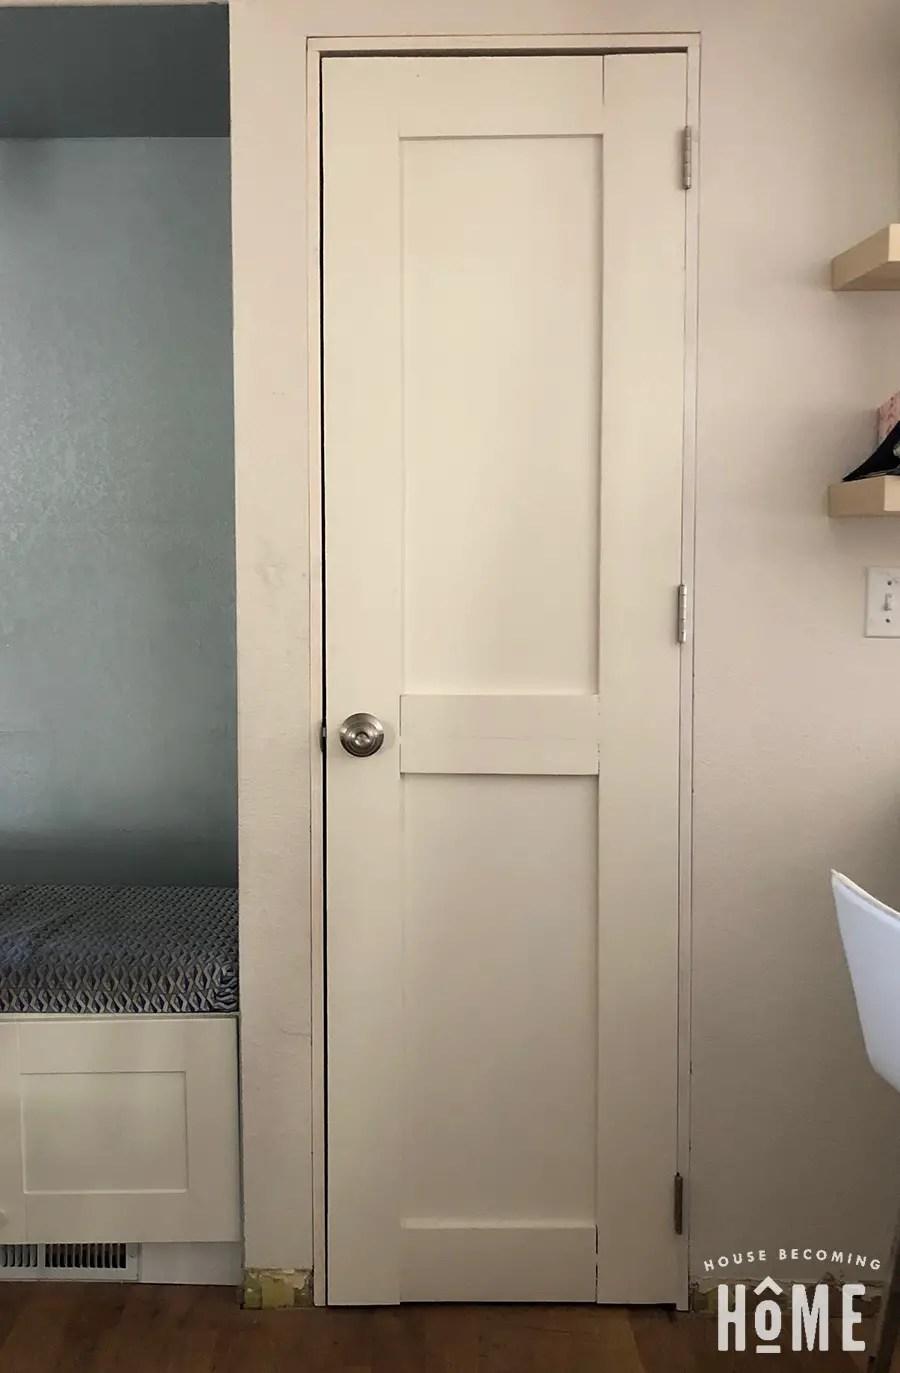 door frame and door installed without trim